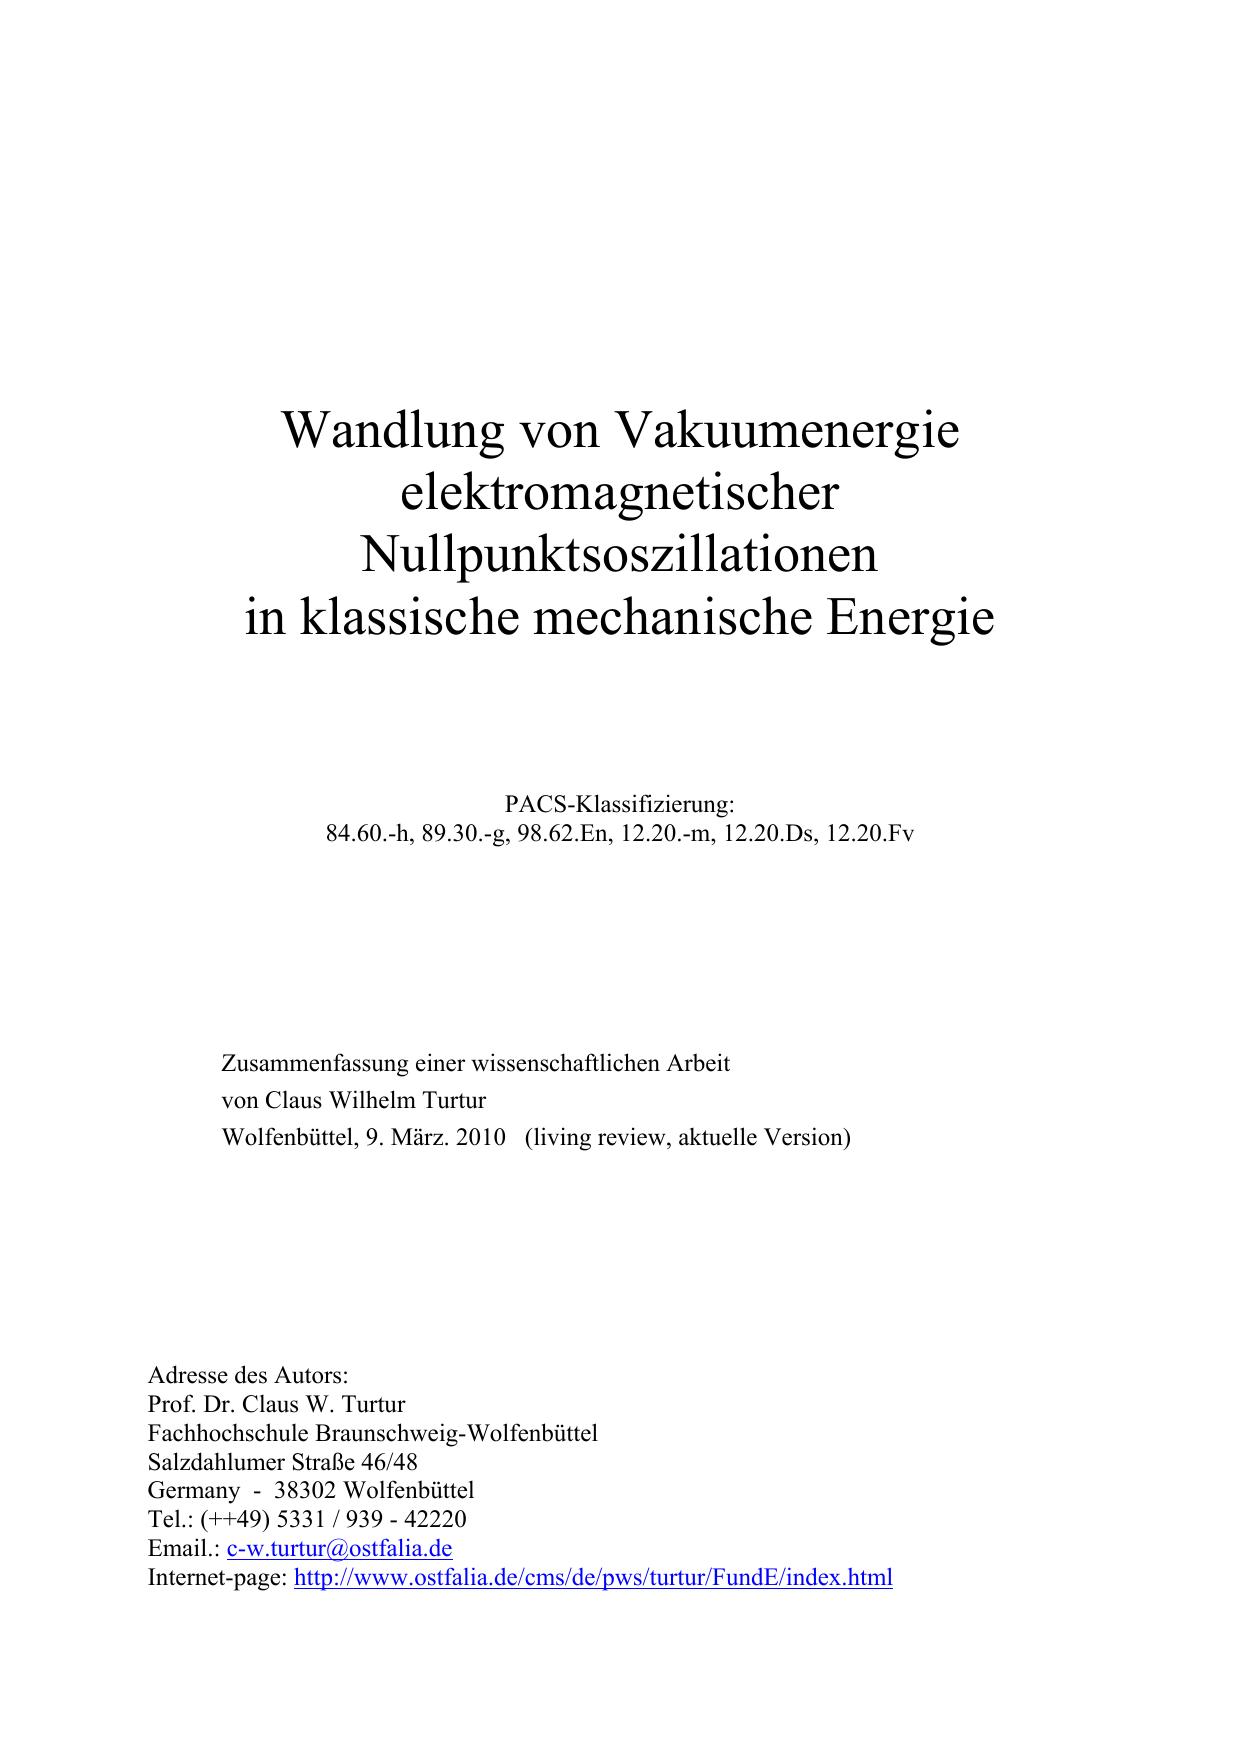 Wandlung von Vakuumenergie elektromagnetischer